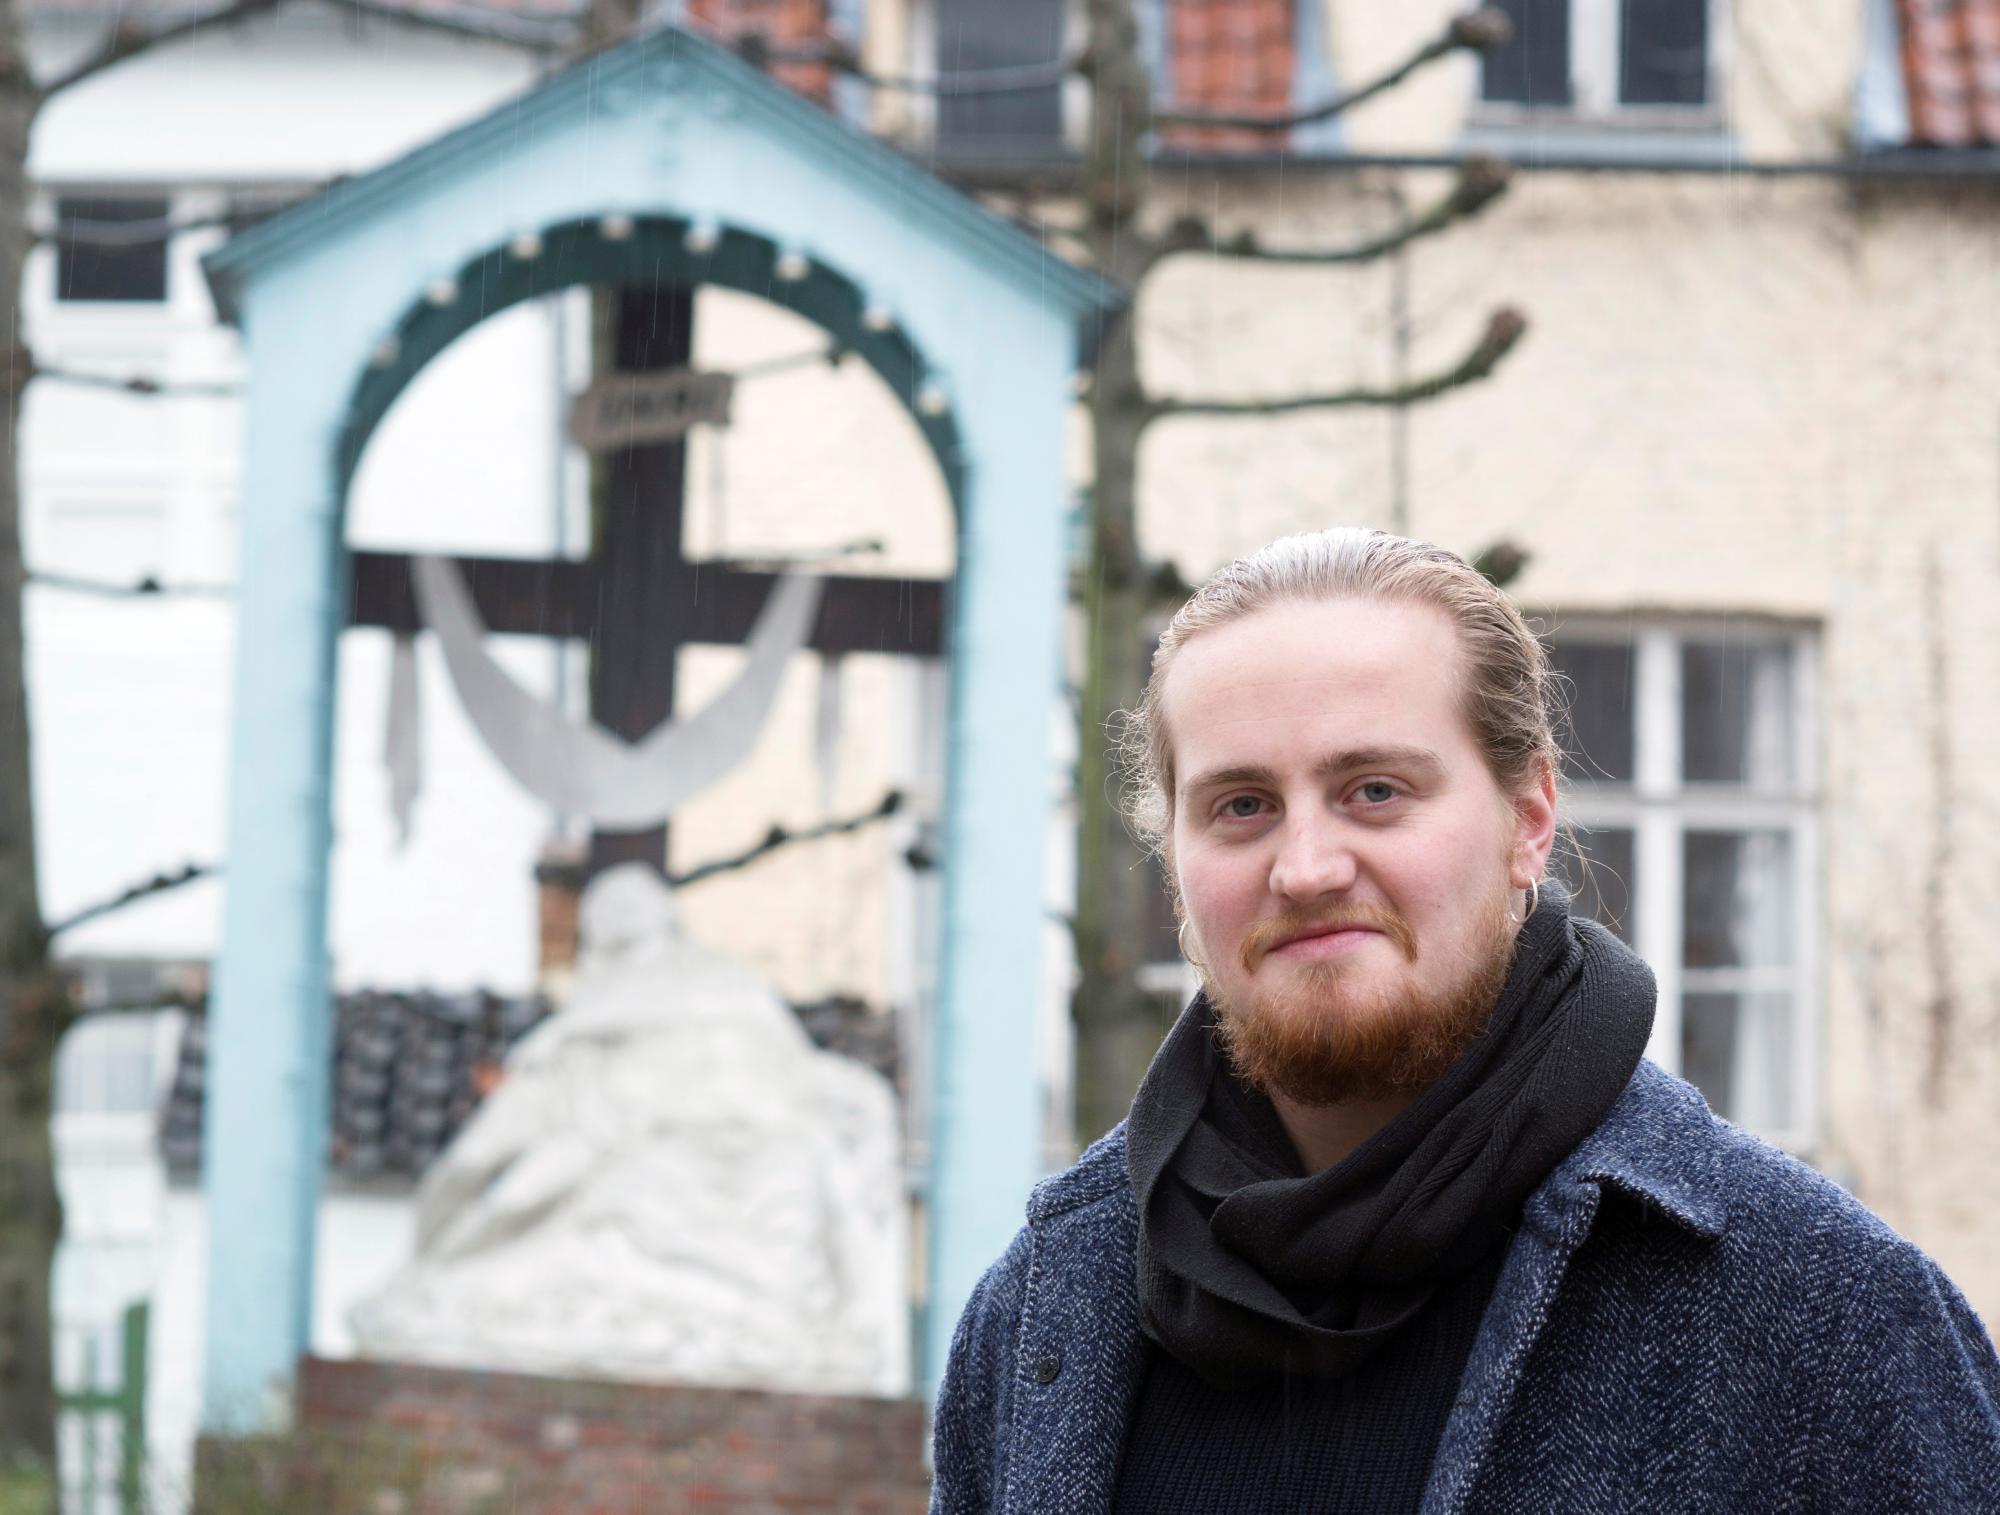 Pieter Jan De Paepe bij hét symbool van het lijdensverhaal in Lier: de calvarieberg in het pittoreske begijnhof © Ilse Prinsen